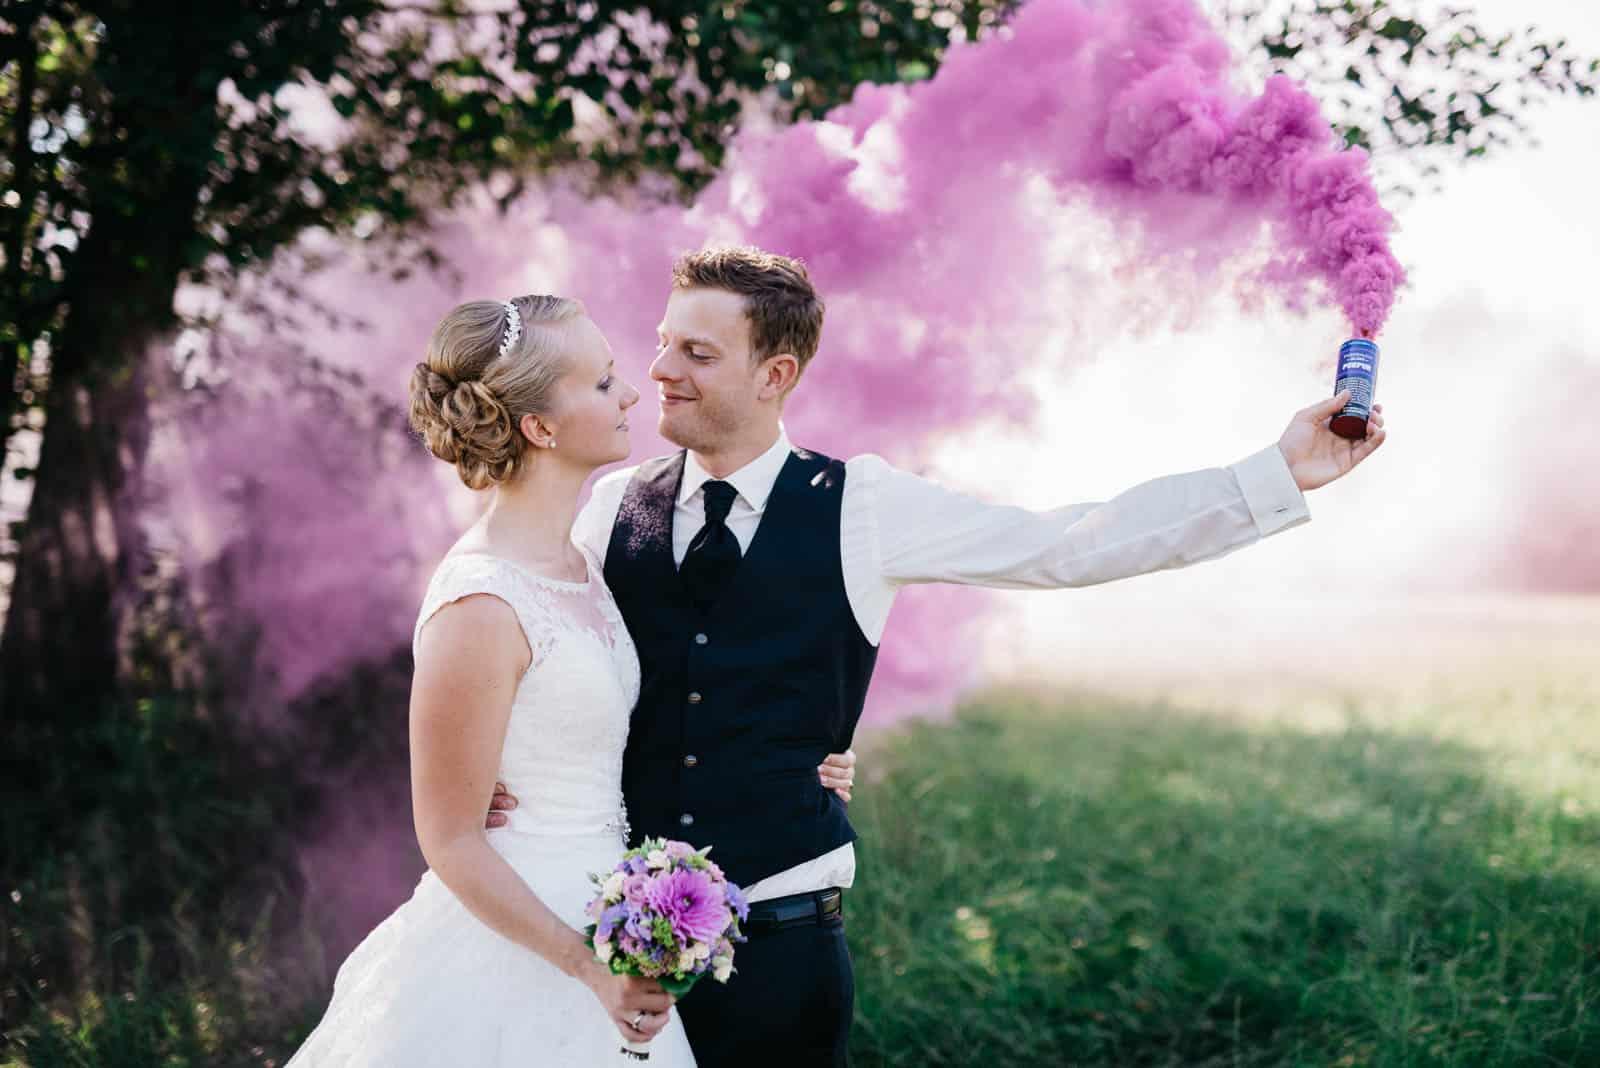 Wedding_Photography_077